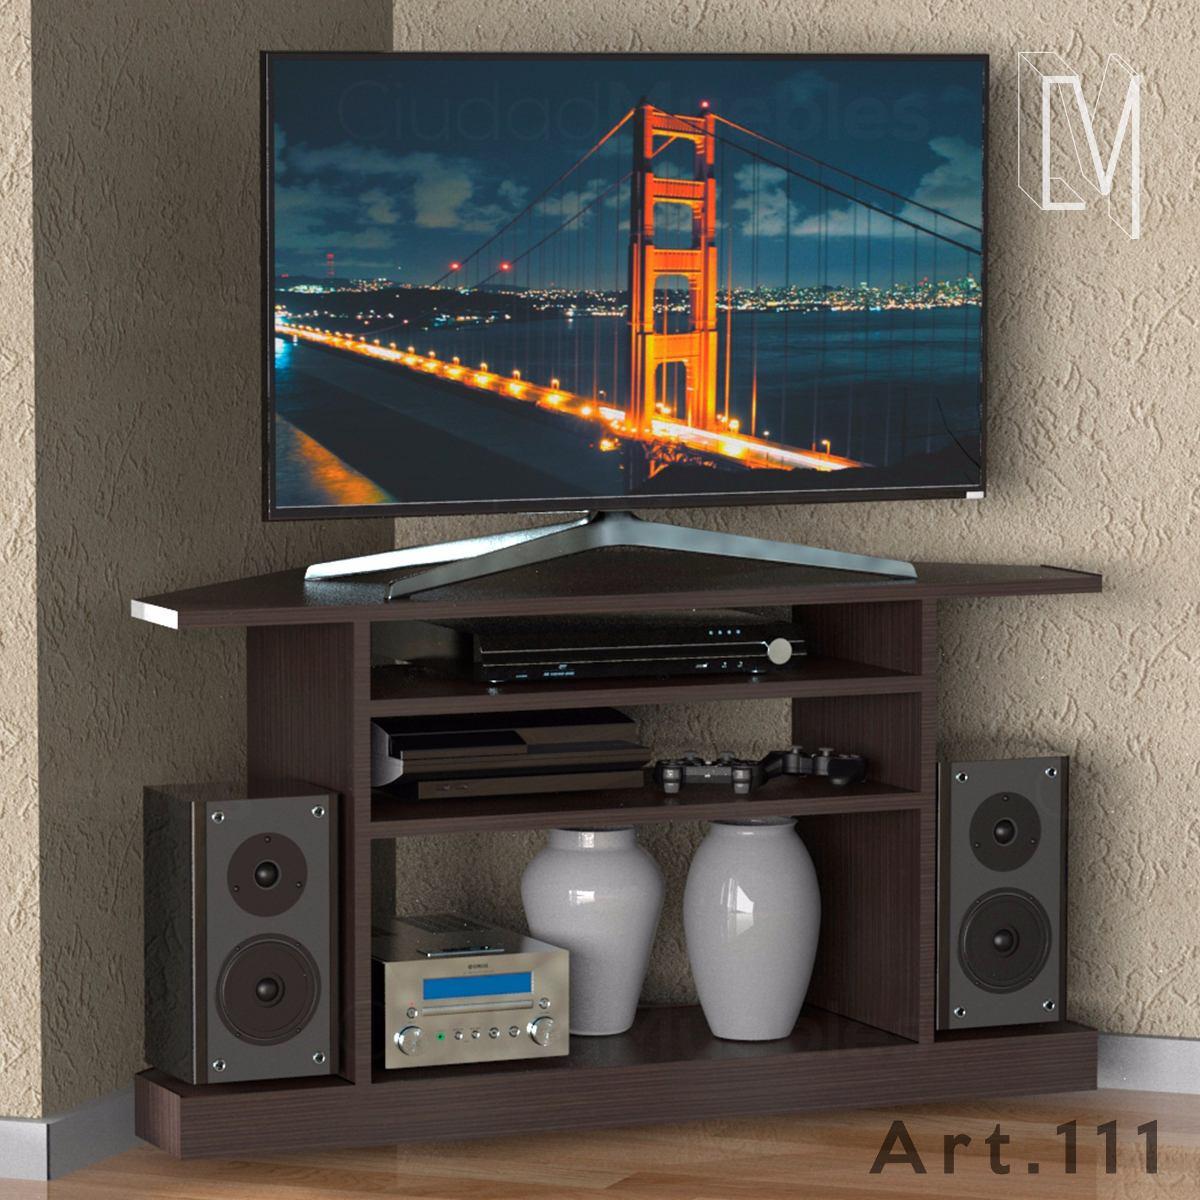 Mesa Tv Lcd Esquinero Rinconero Optimiza Tus Espacios 1 610  # Mueble Tv Rinconero